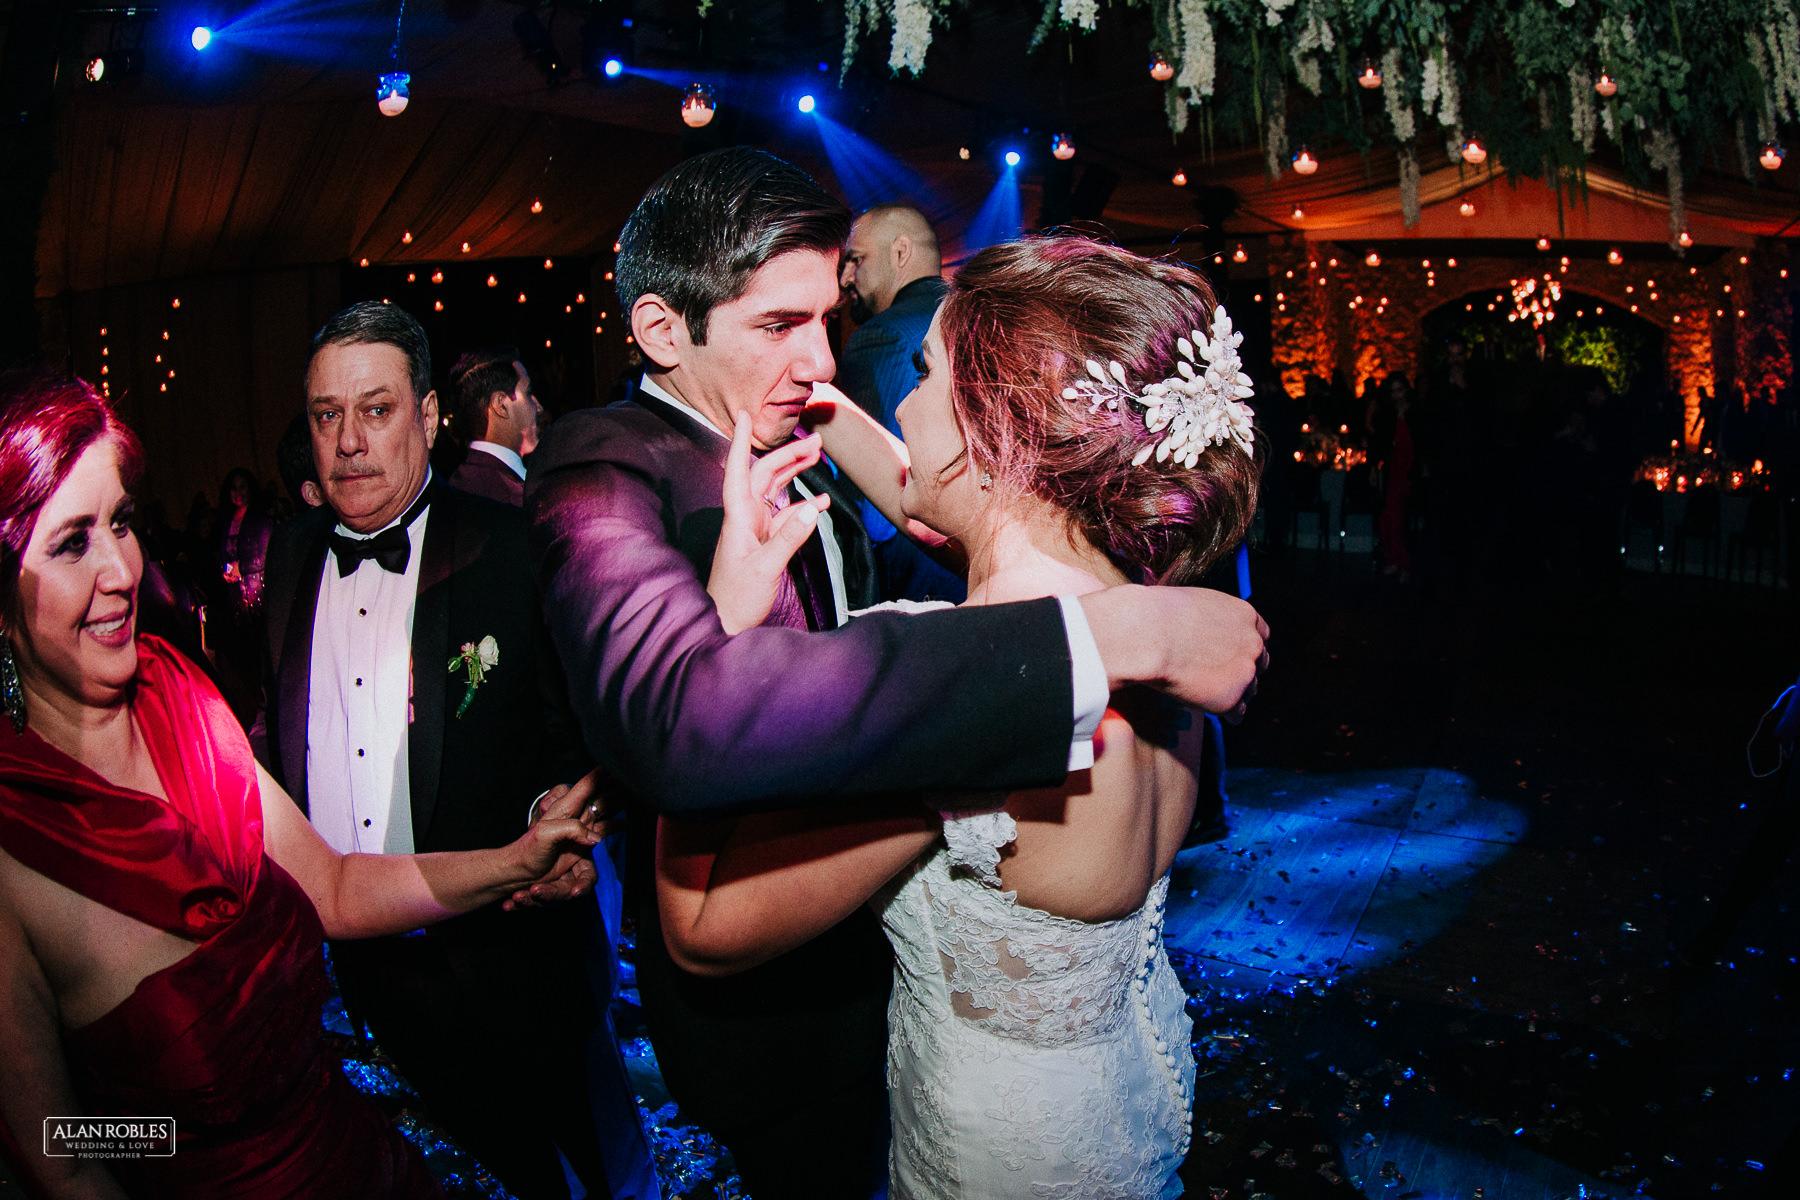 Fotografo de bodas Alan Robles-Casa Clementina Guadalajara DyA-69